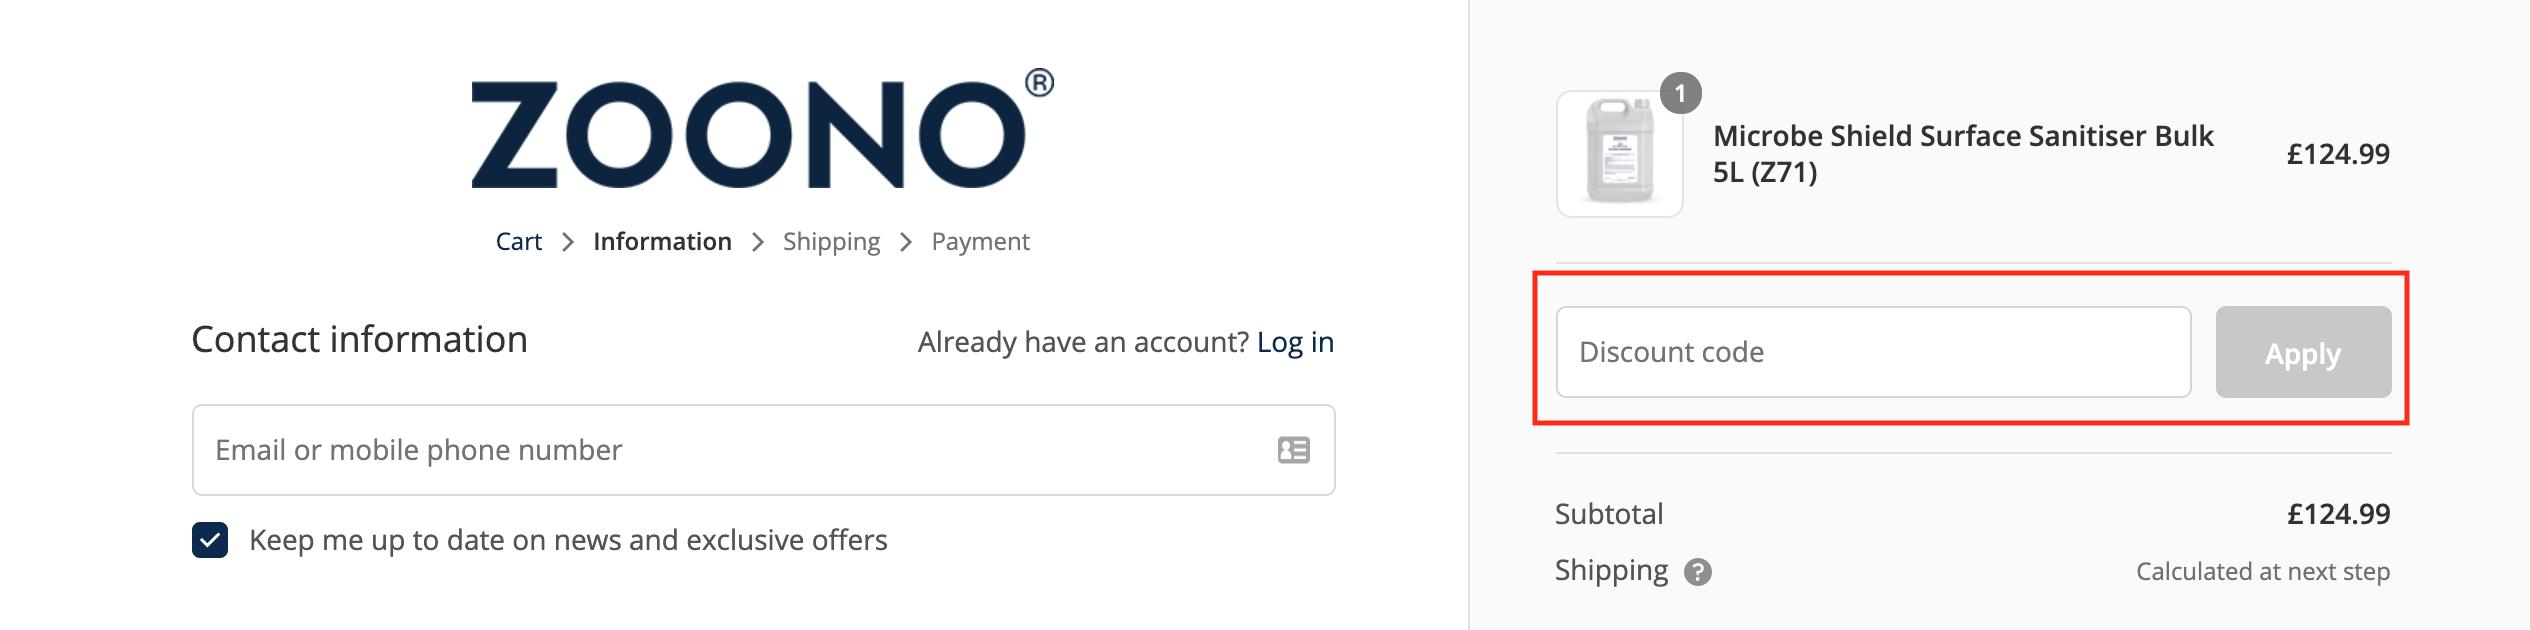 zoonoo discount code